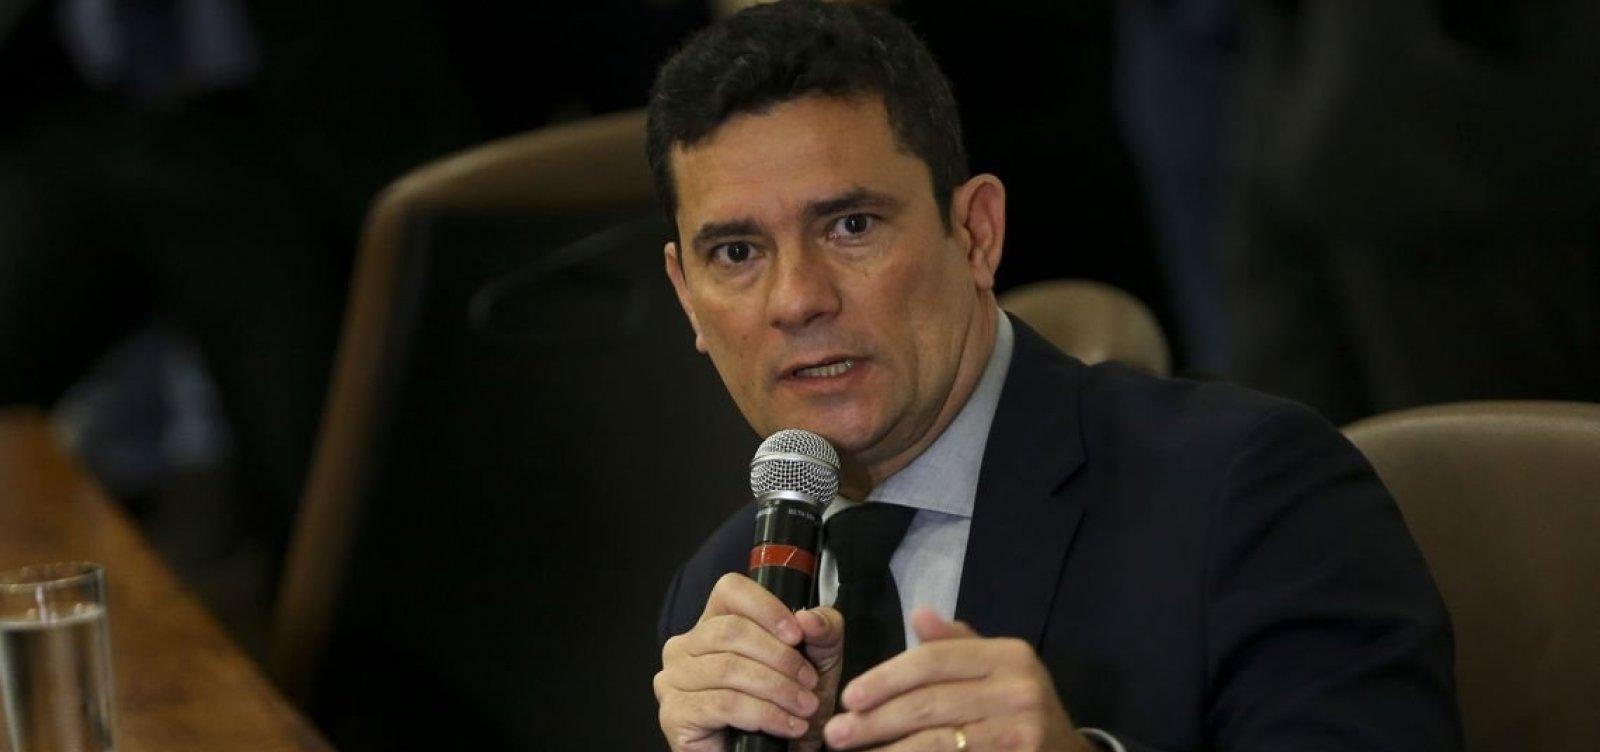 [Chamado de 'canalha' por Lula, Moro diz que não responde a 'criminosos']